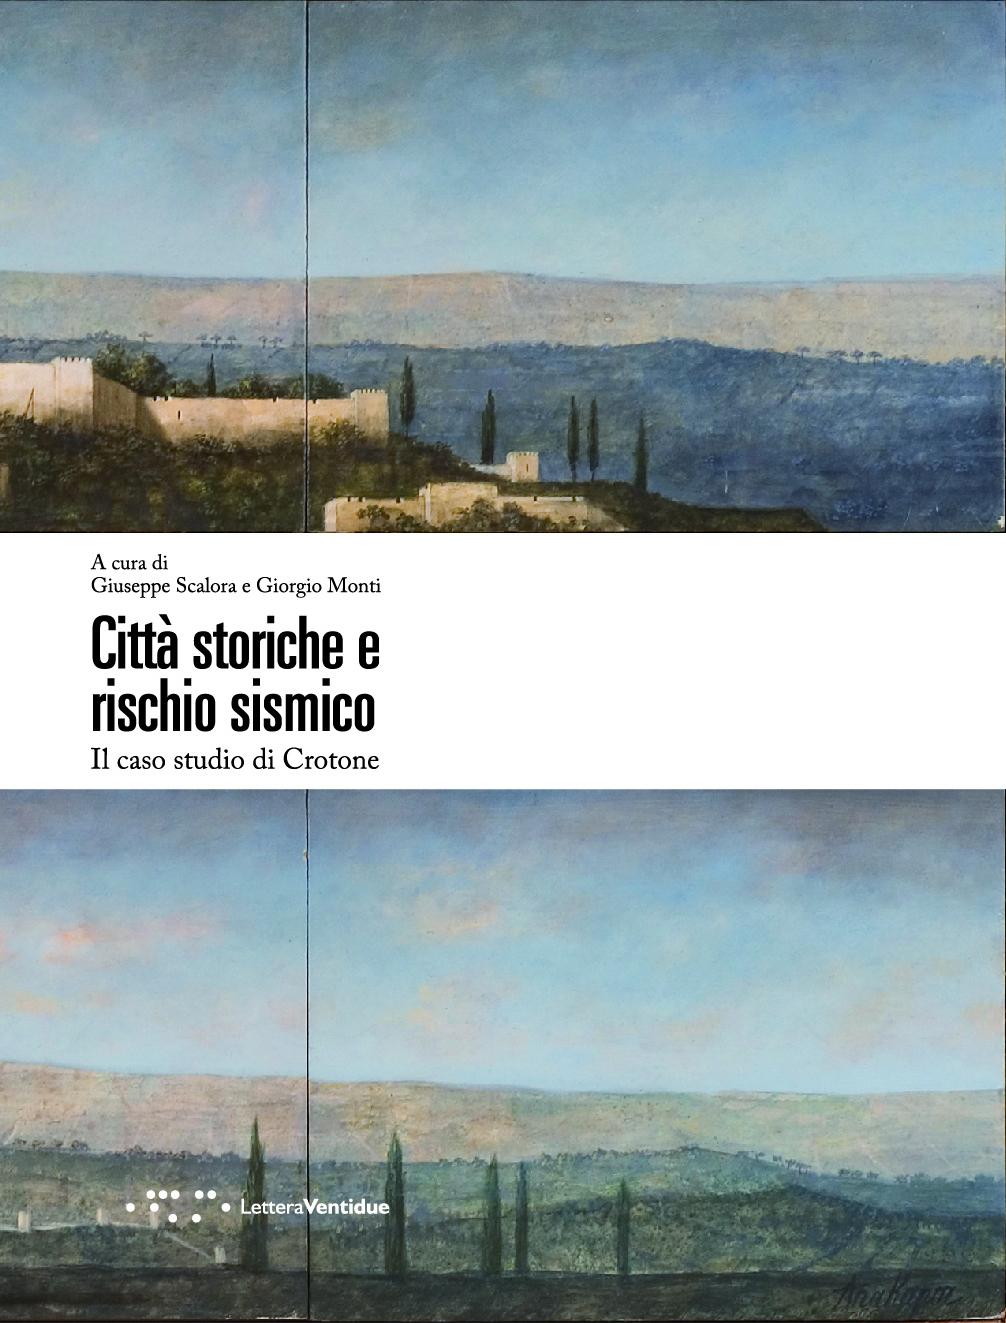 2013 - Città storiche e rischio sismico. Il caso studio di Crotone